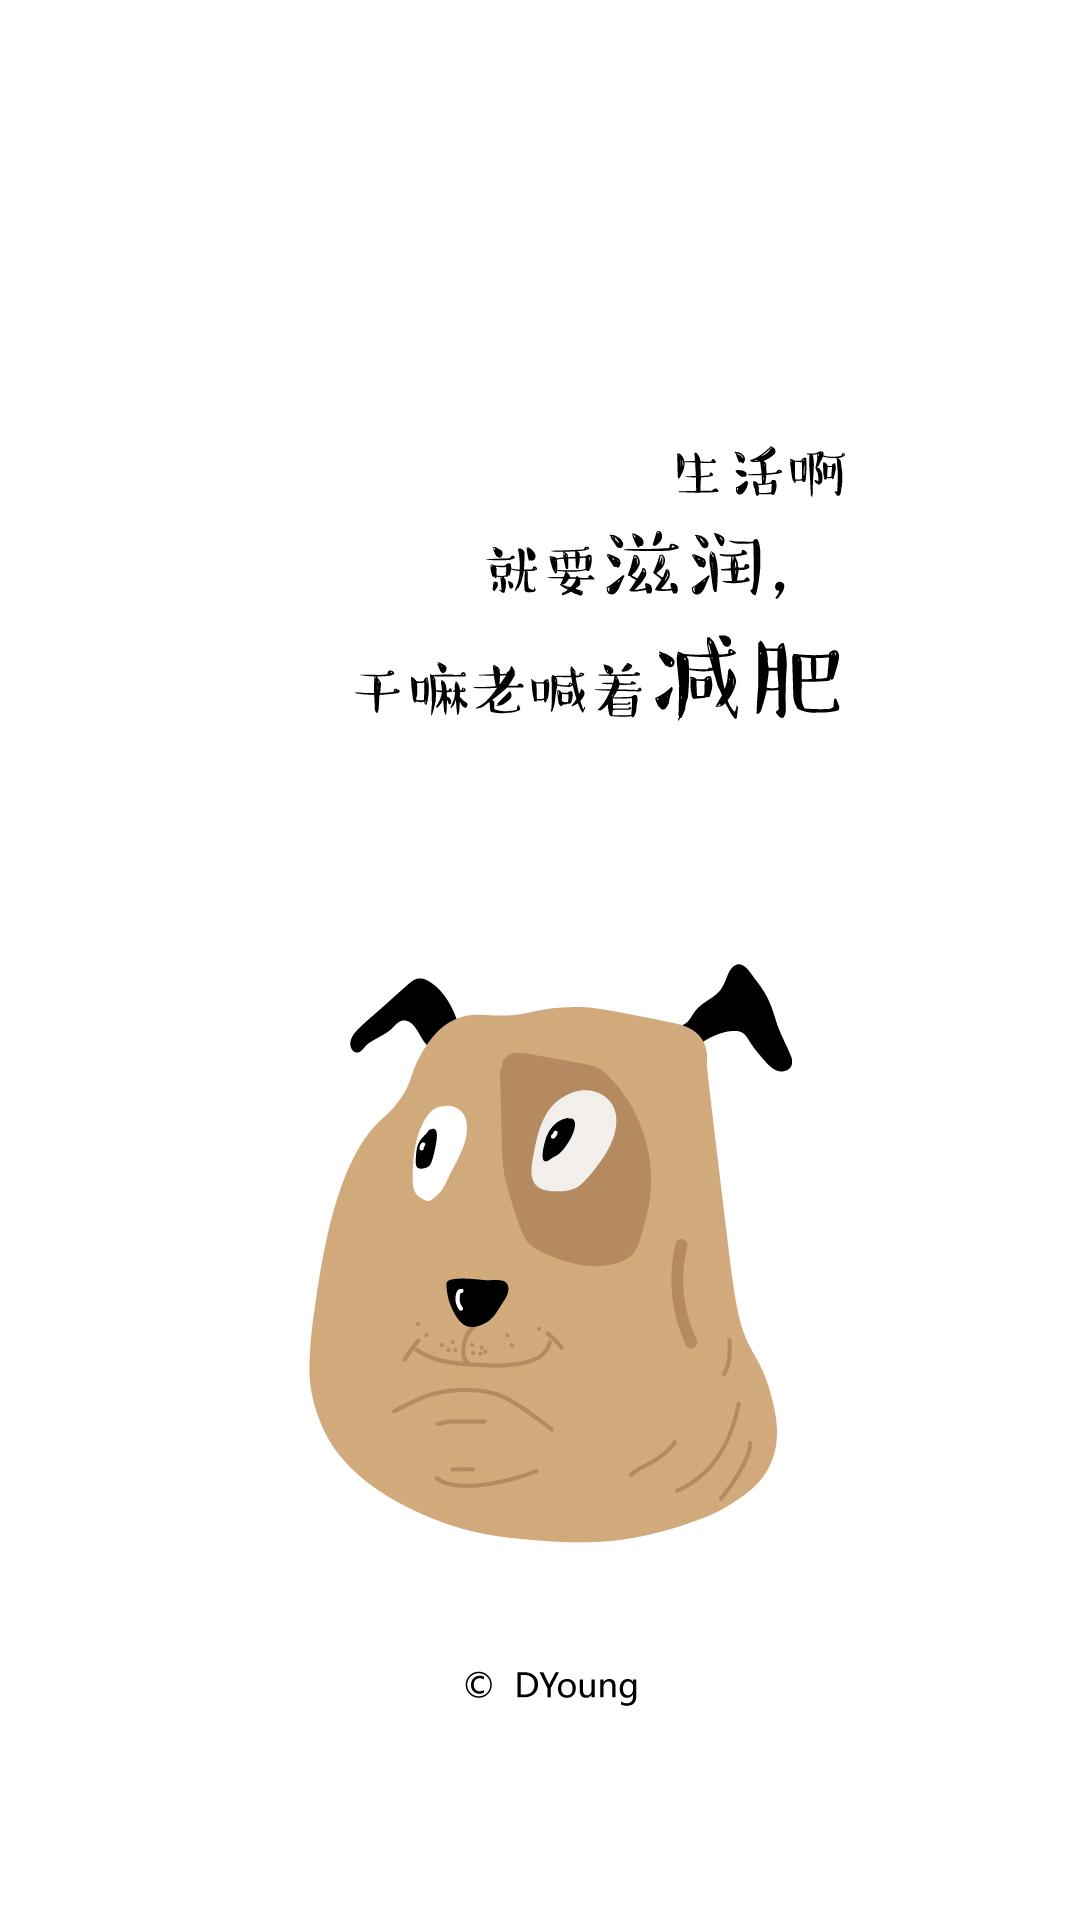 【原创】狗年手机壁纸